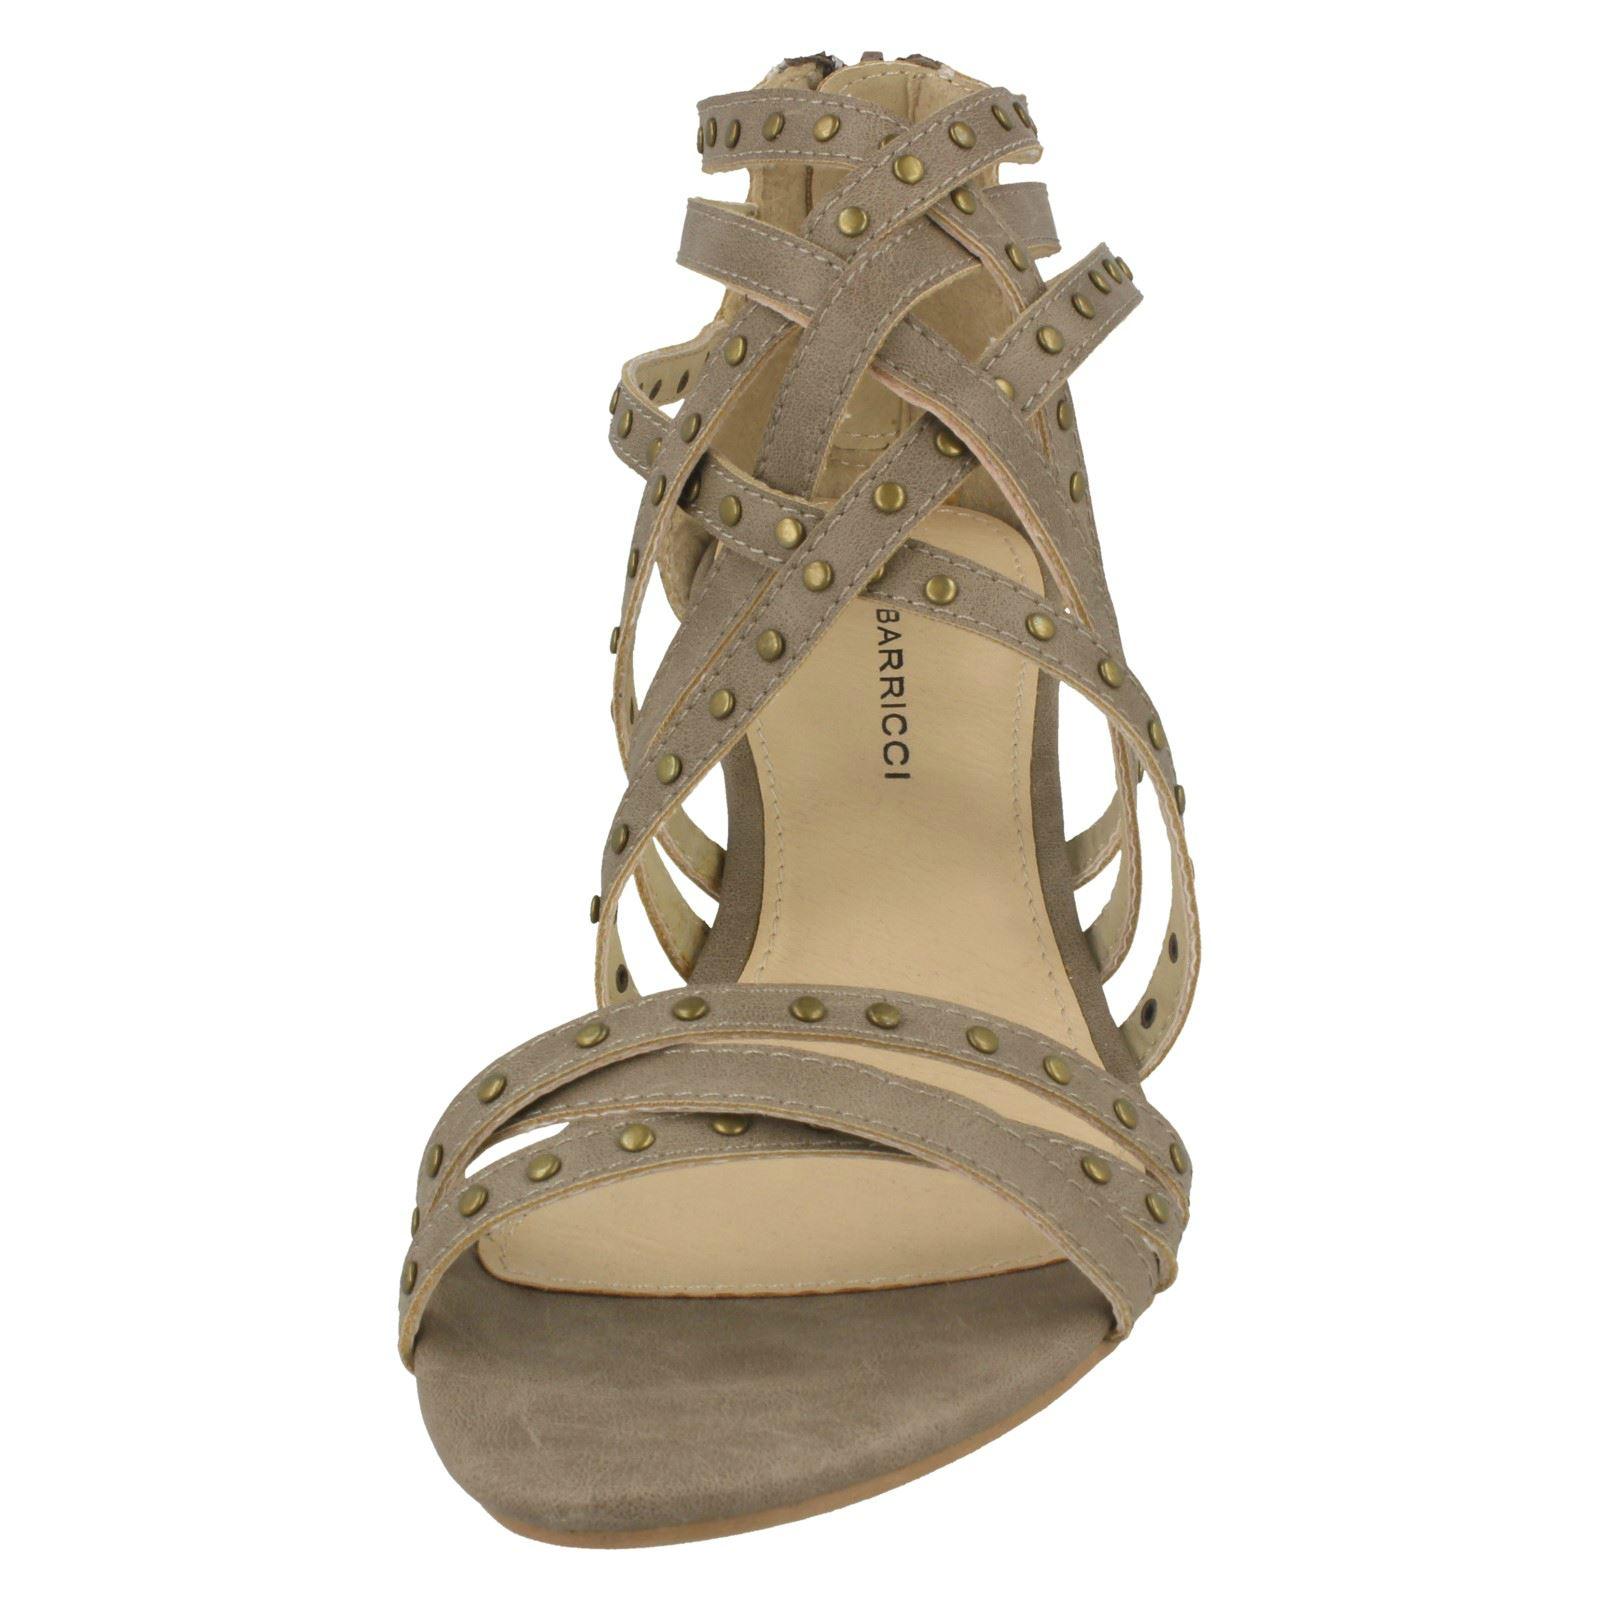 Damen Pumps Ladies Barricci Heeled Sandals Damenschuhe High